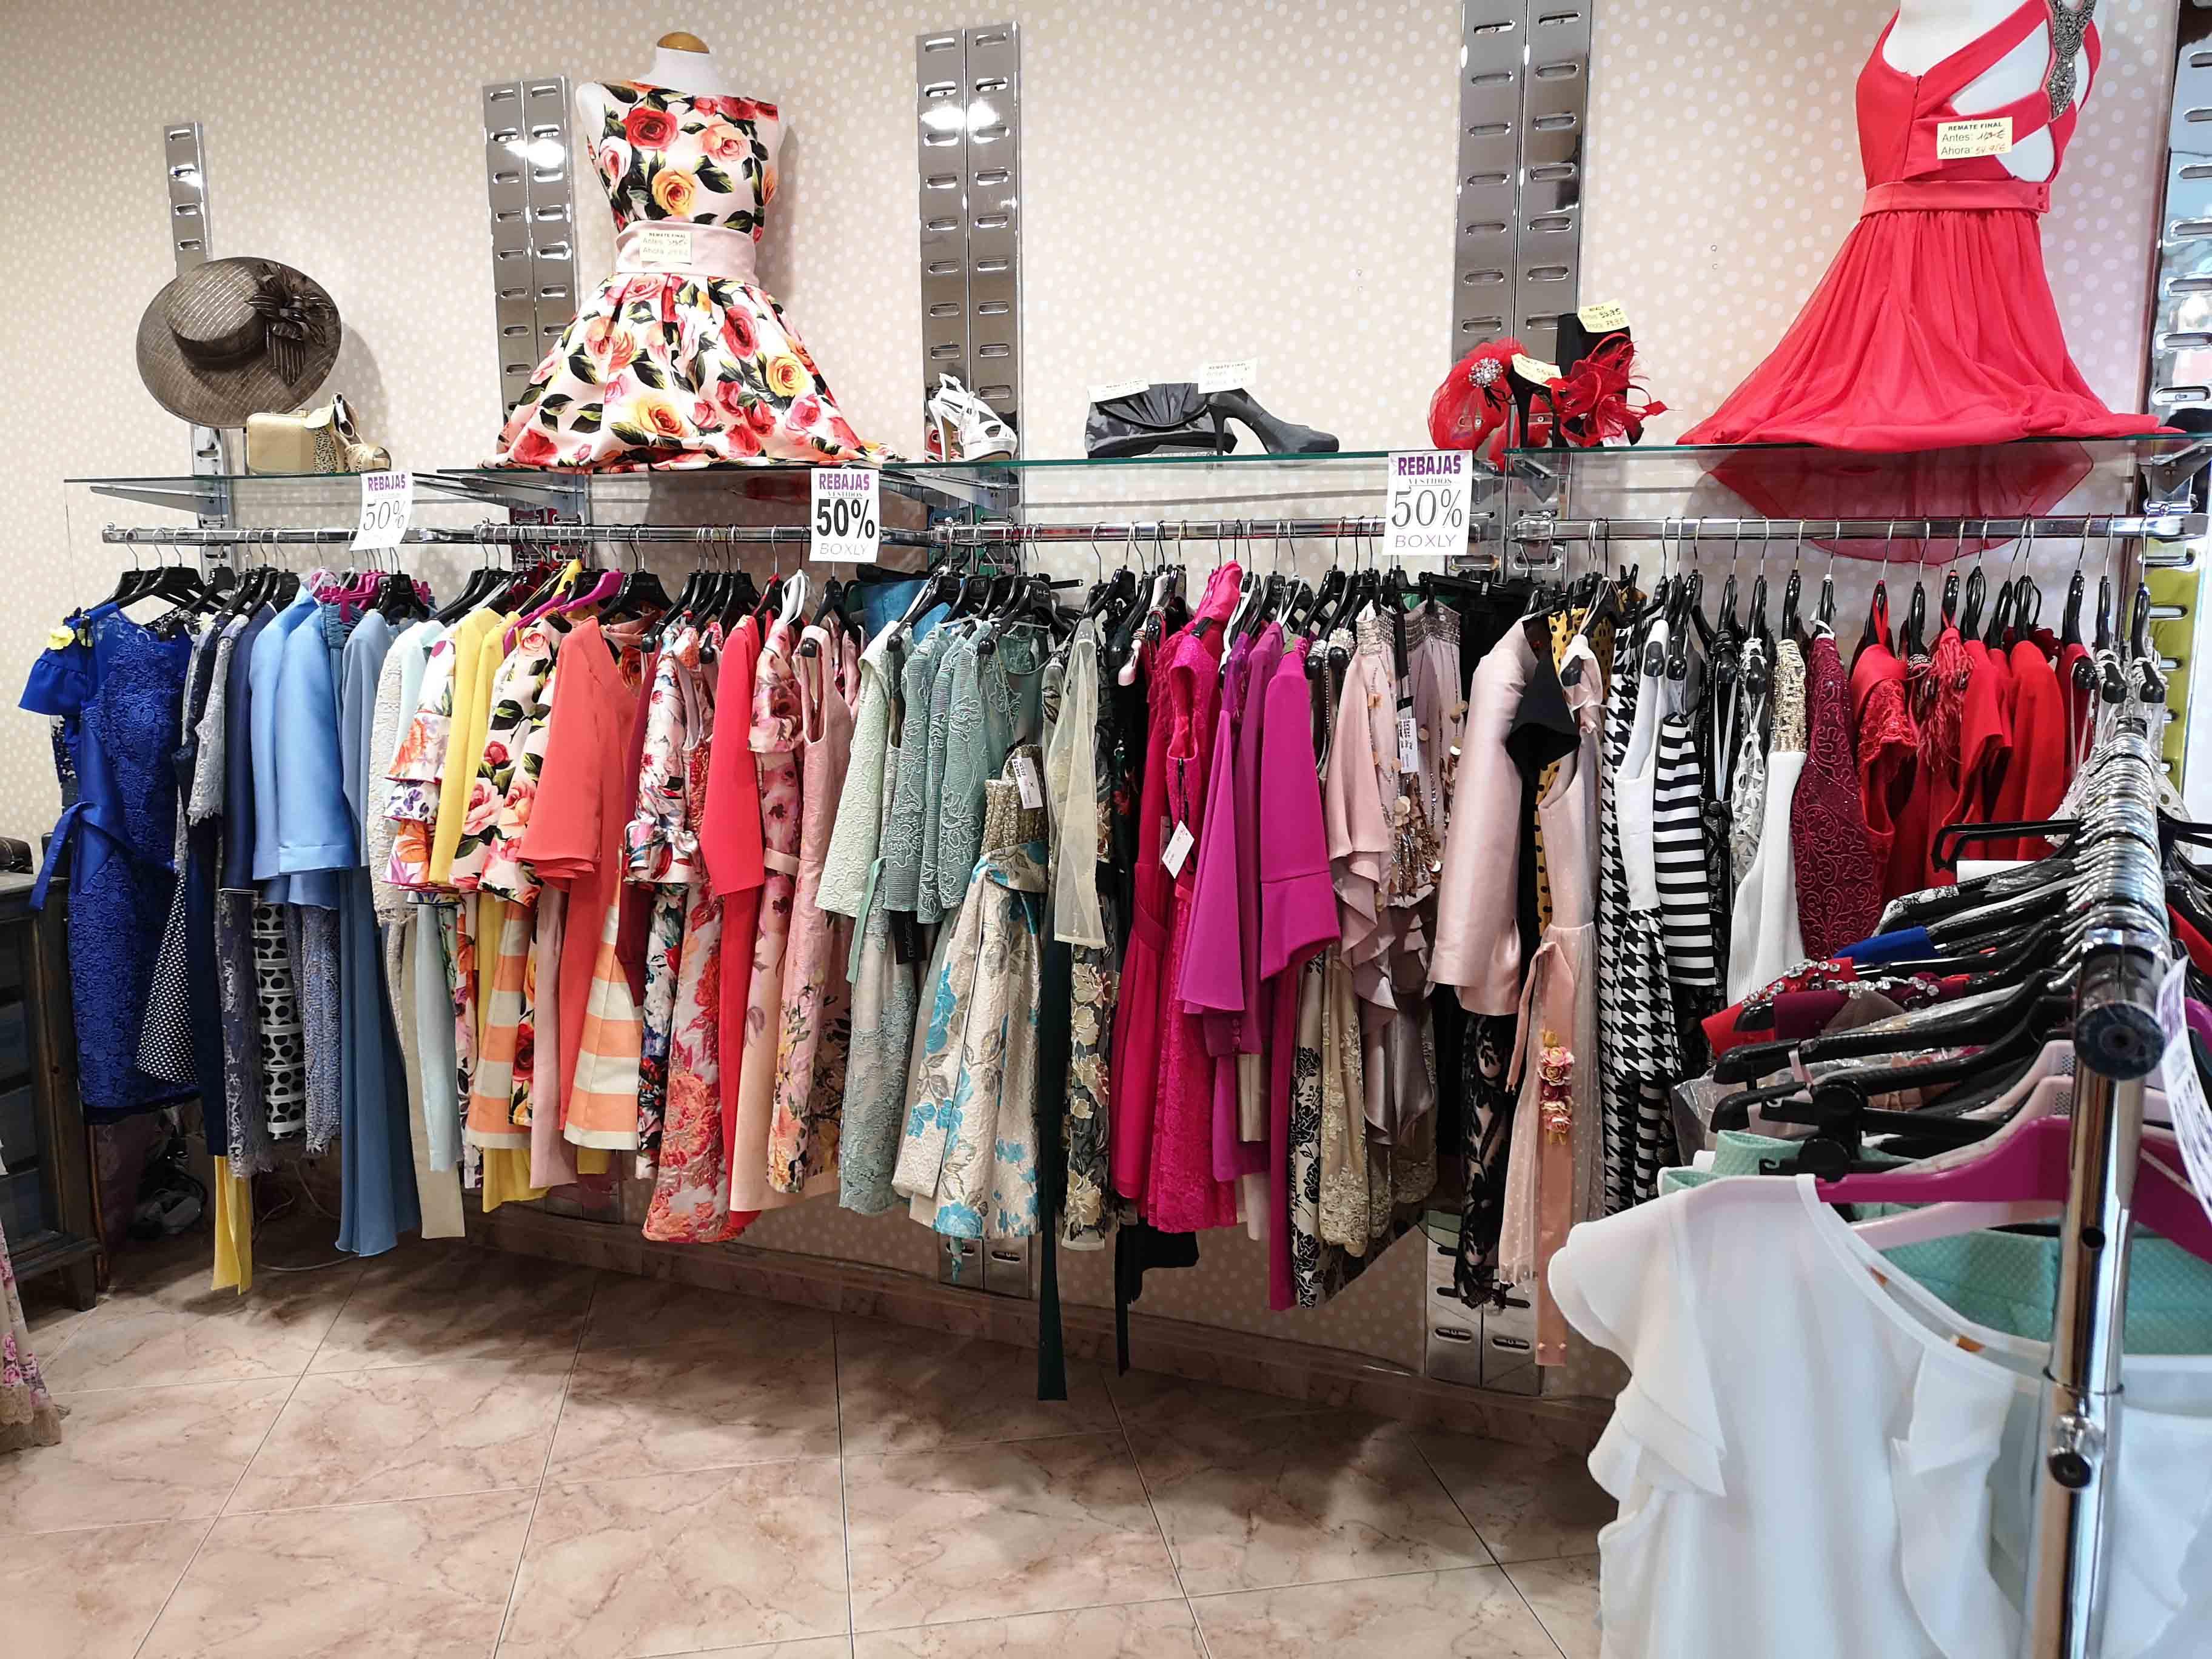 vestidos-tienda-outlet-boxly-ciudad-real